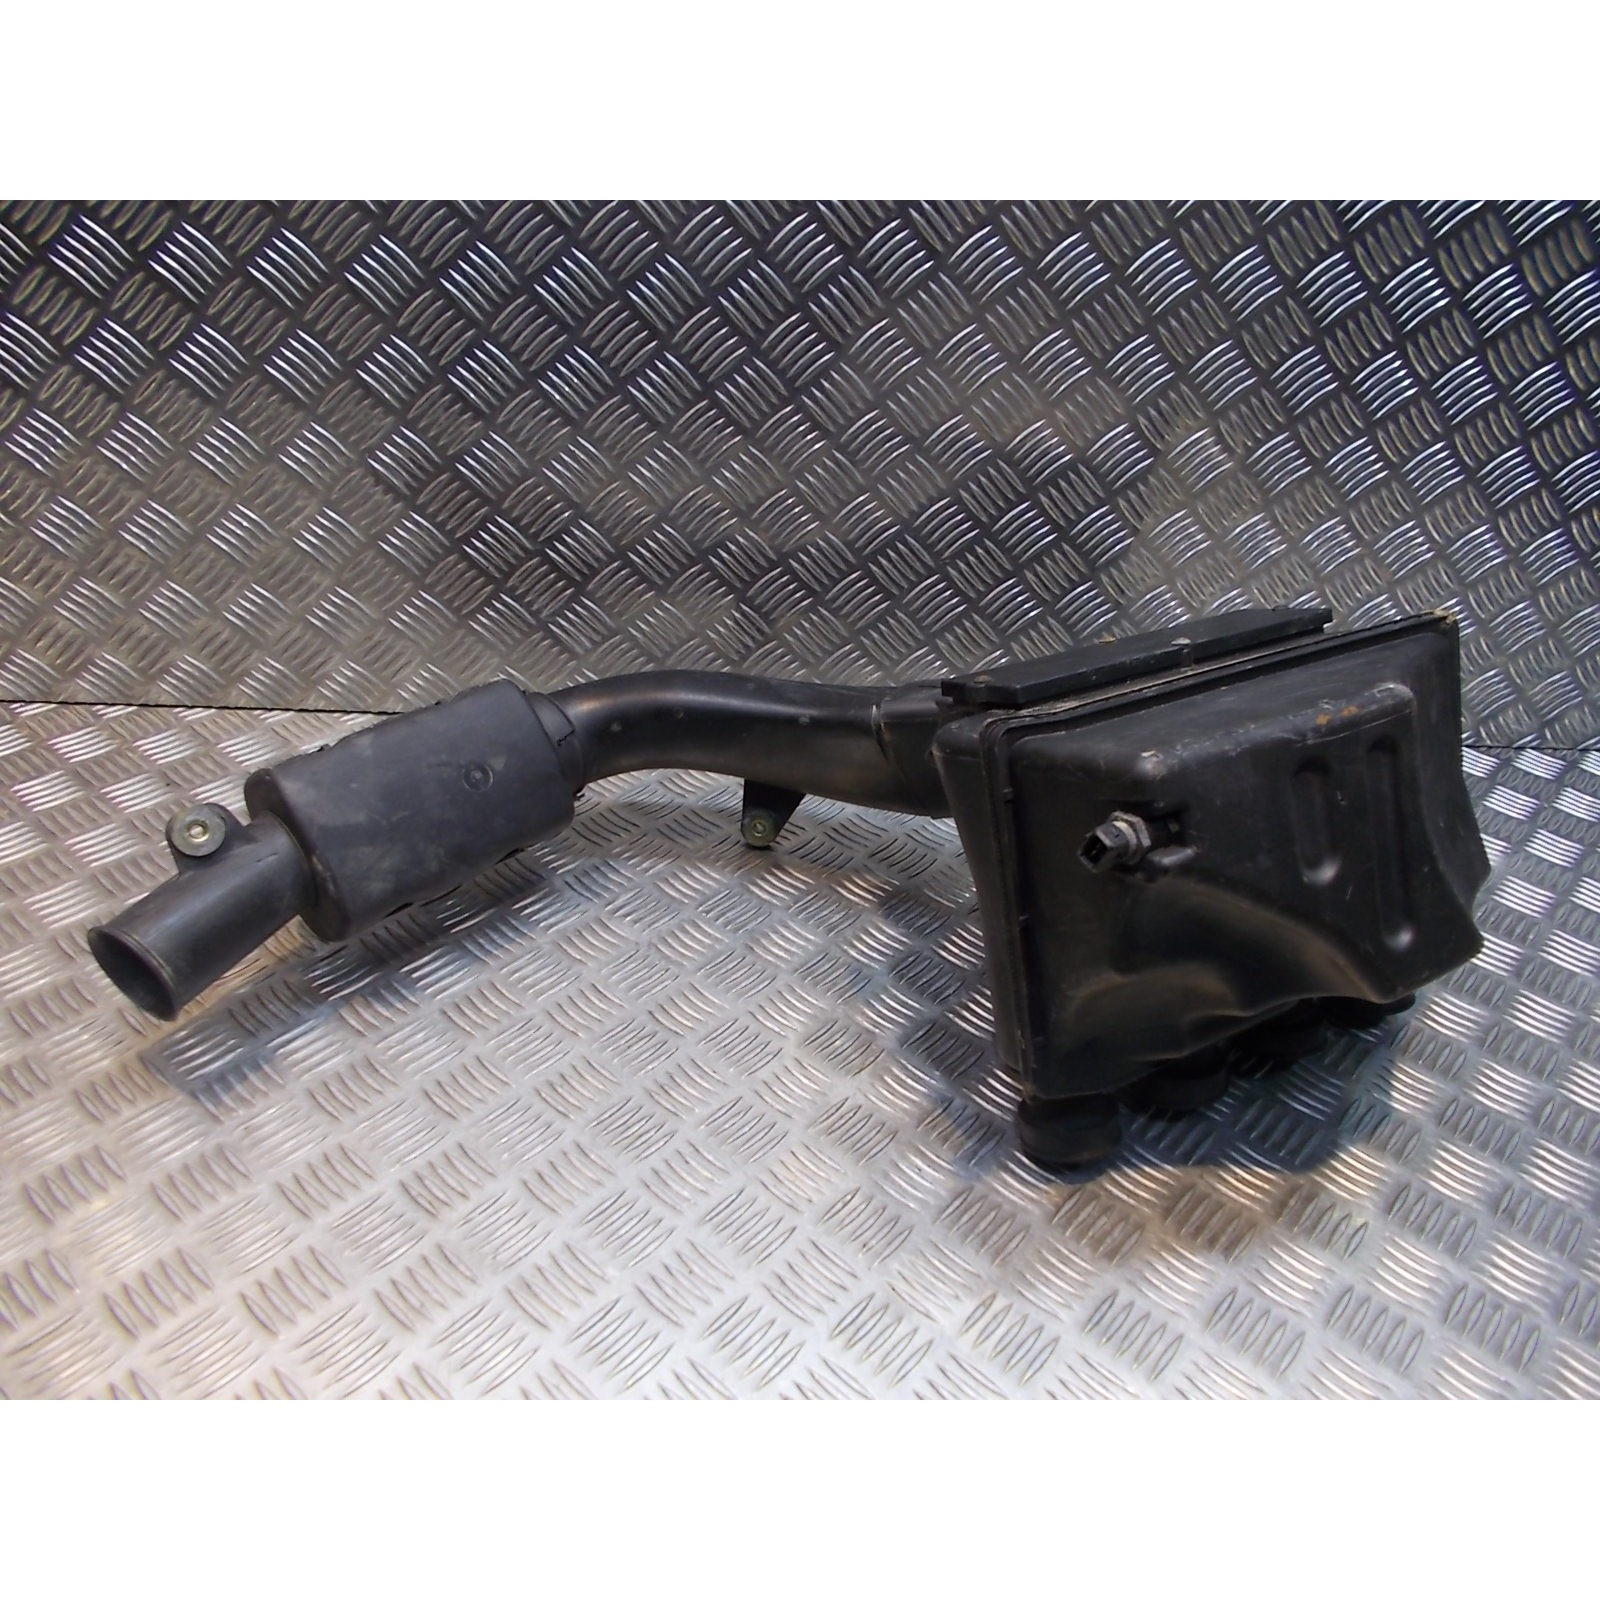 boite filtre a air moto bmw k 1200 lt wb10545a 1999 - 03